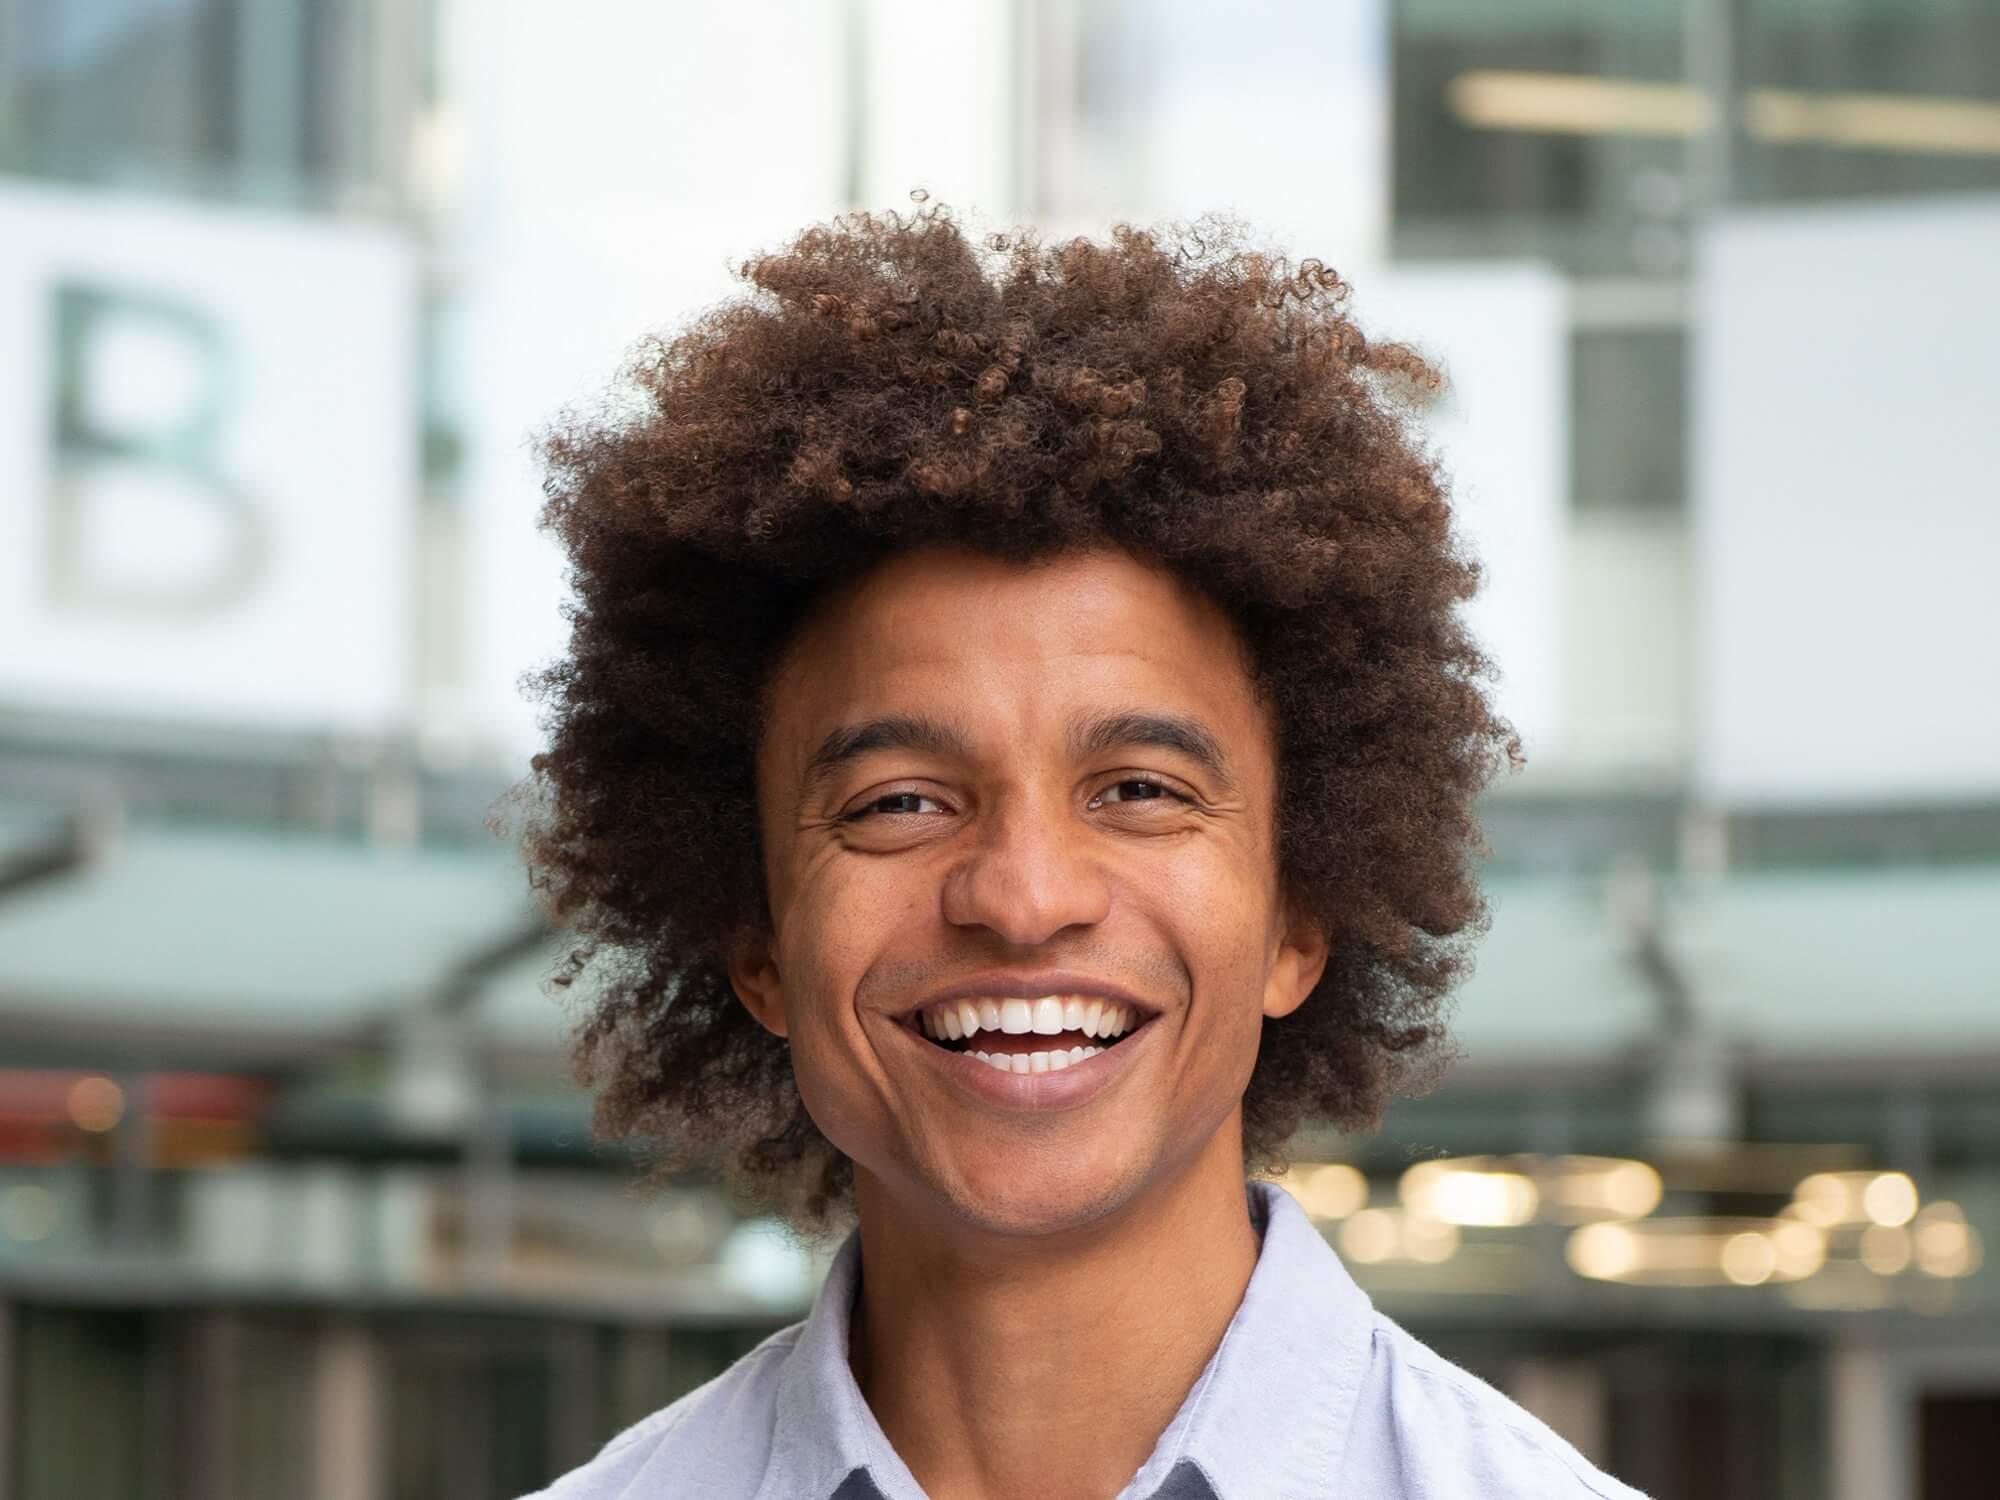 Portrait picture of TV presenter Radzi Chinyanganya